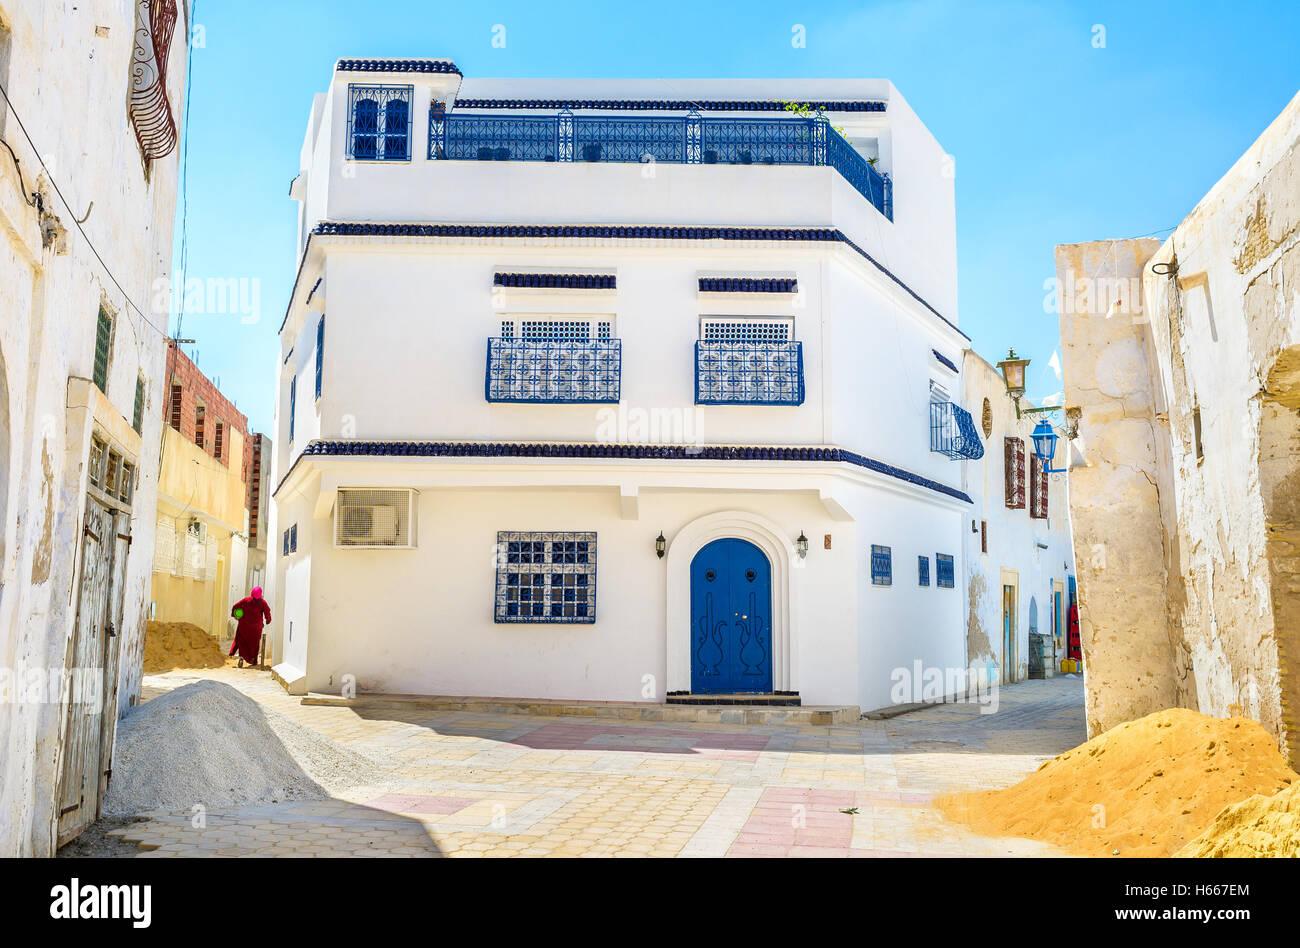 La casa grande, como para la antigua medina árabe, en el cruce de Kairouan, Túnez. Imagen De Stock